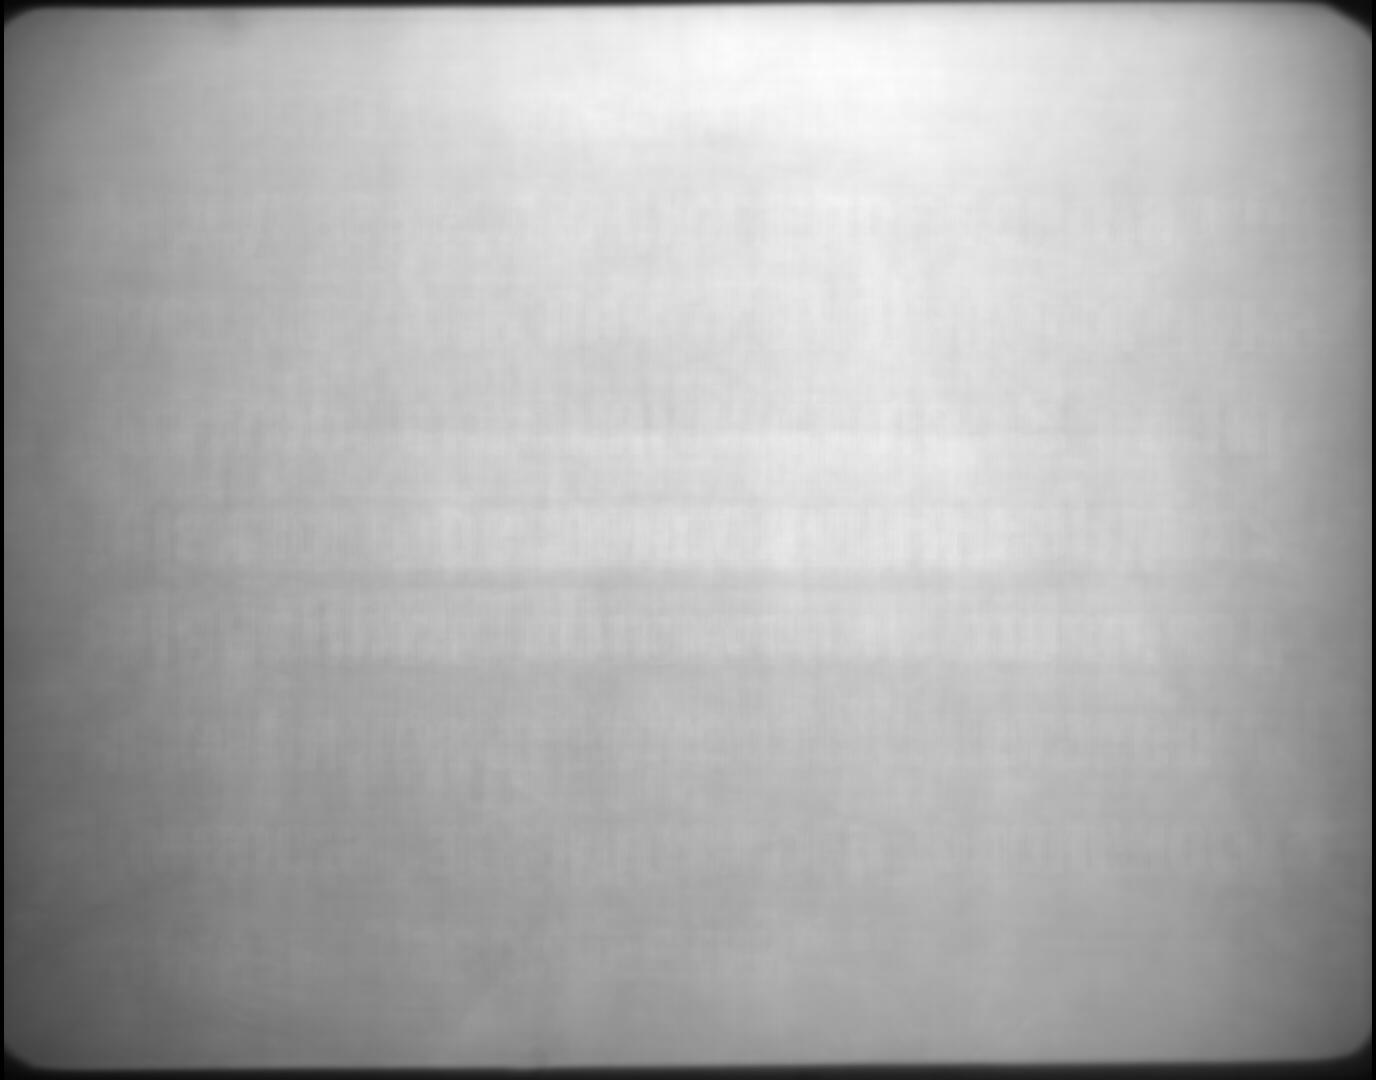 Sergei_Eisenstein-Battleship_Potemkin-1925